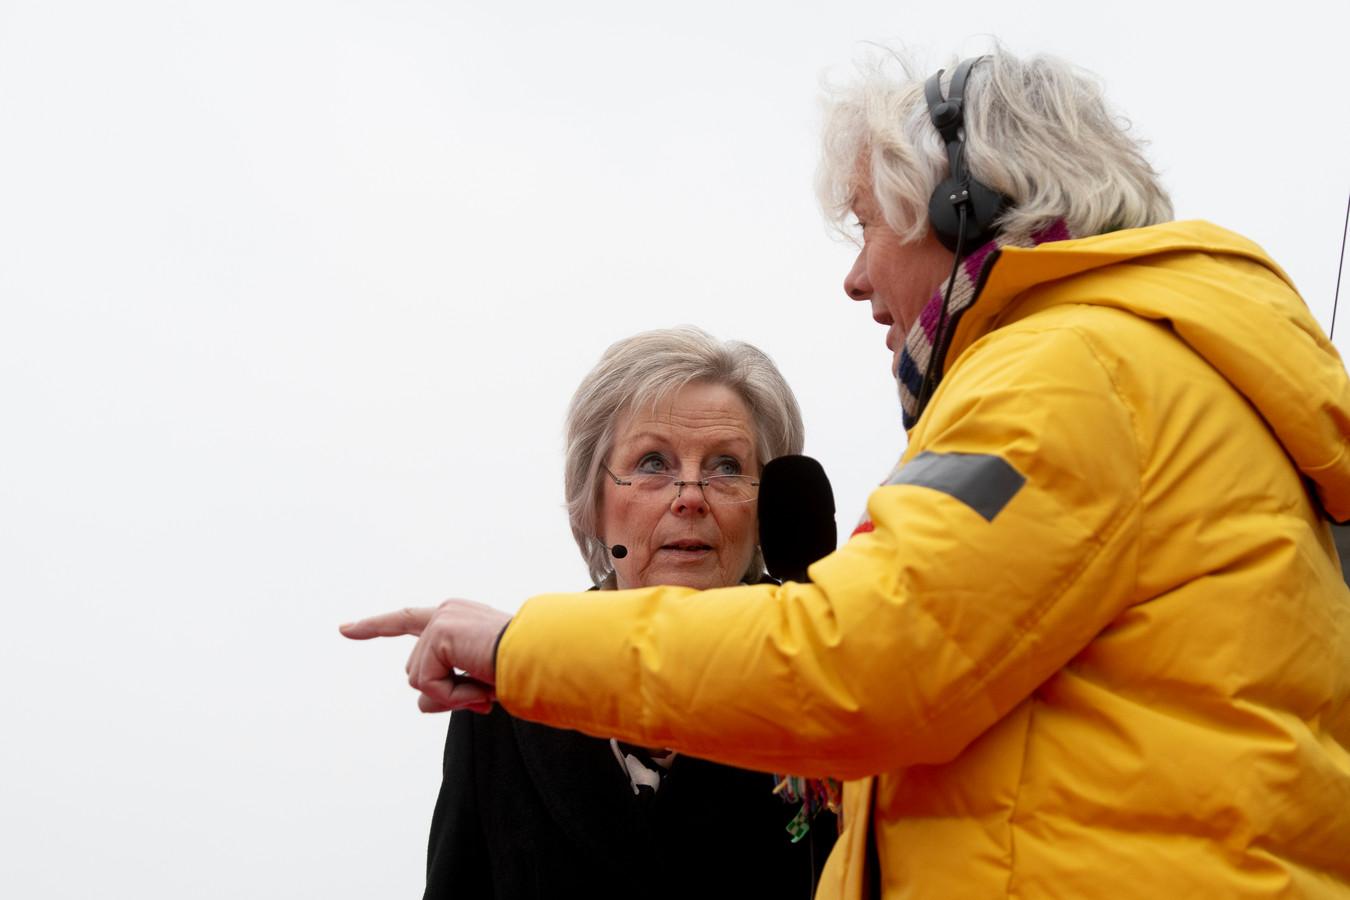 Burgemeester Petra van Petra van Wingerden-Boers (links) gisteren tijdens de generale repetitie van de intocht van Sinterklaas in Apeldoorn.